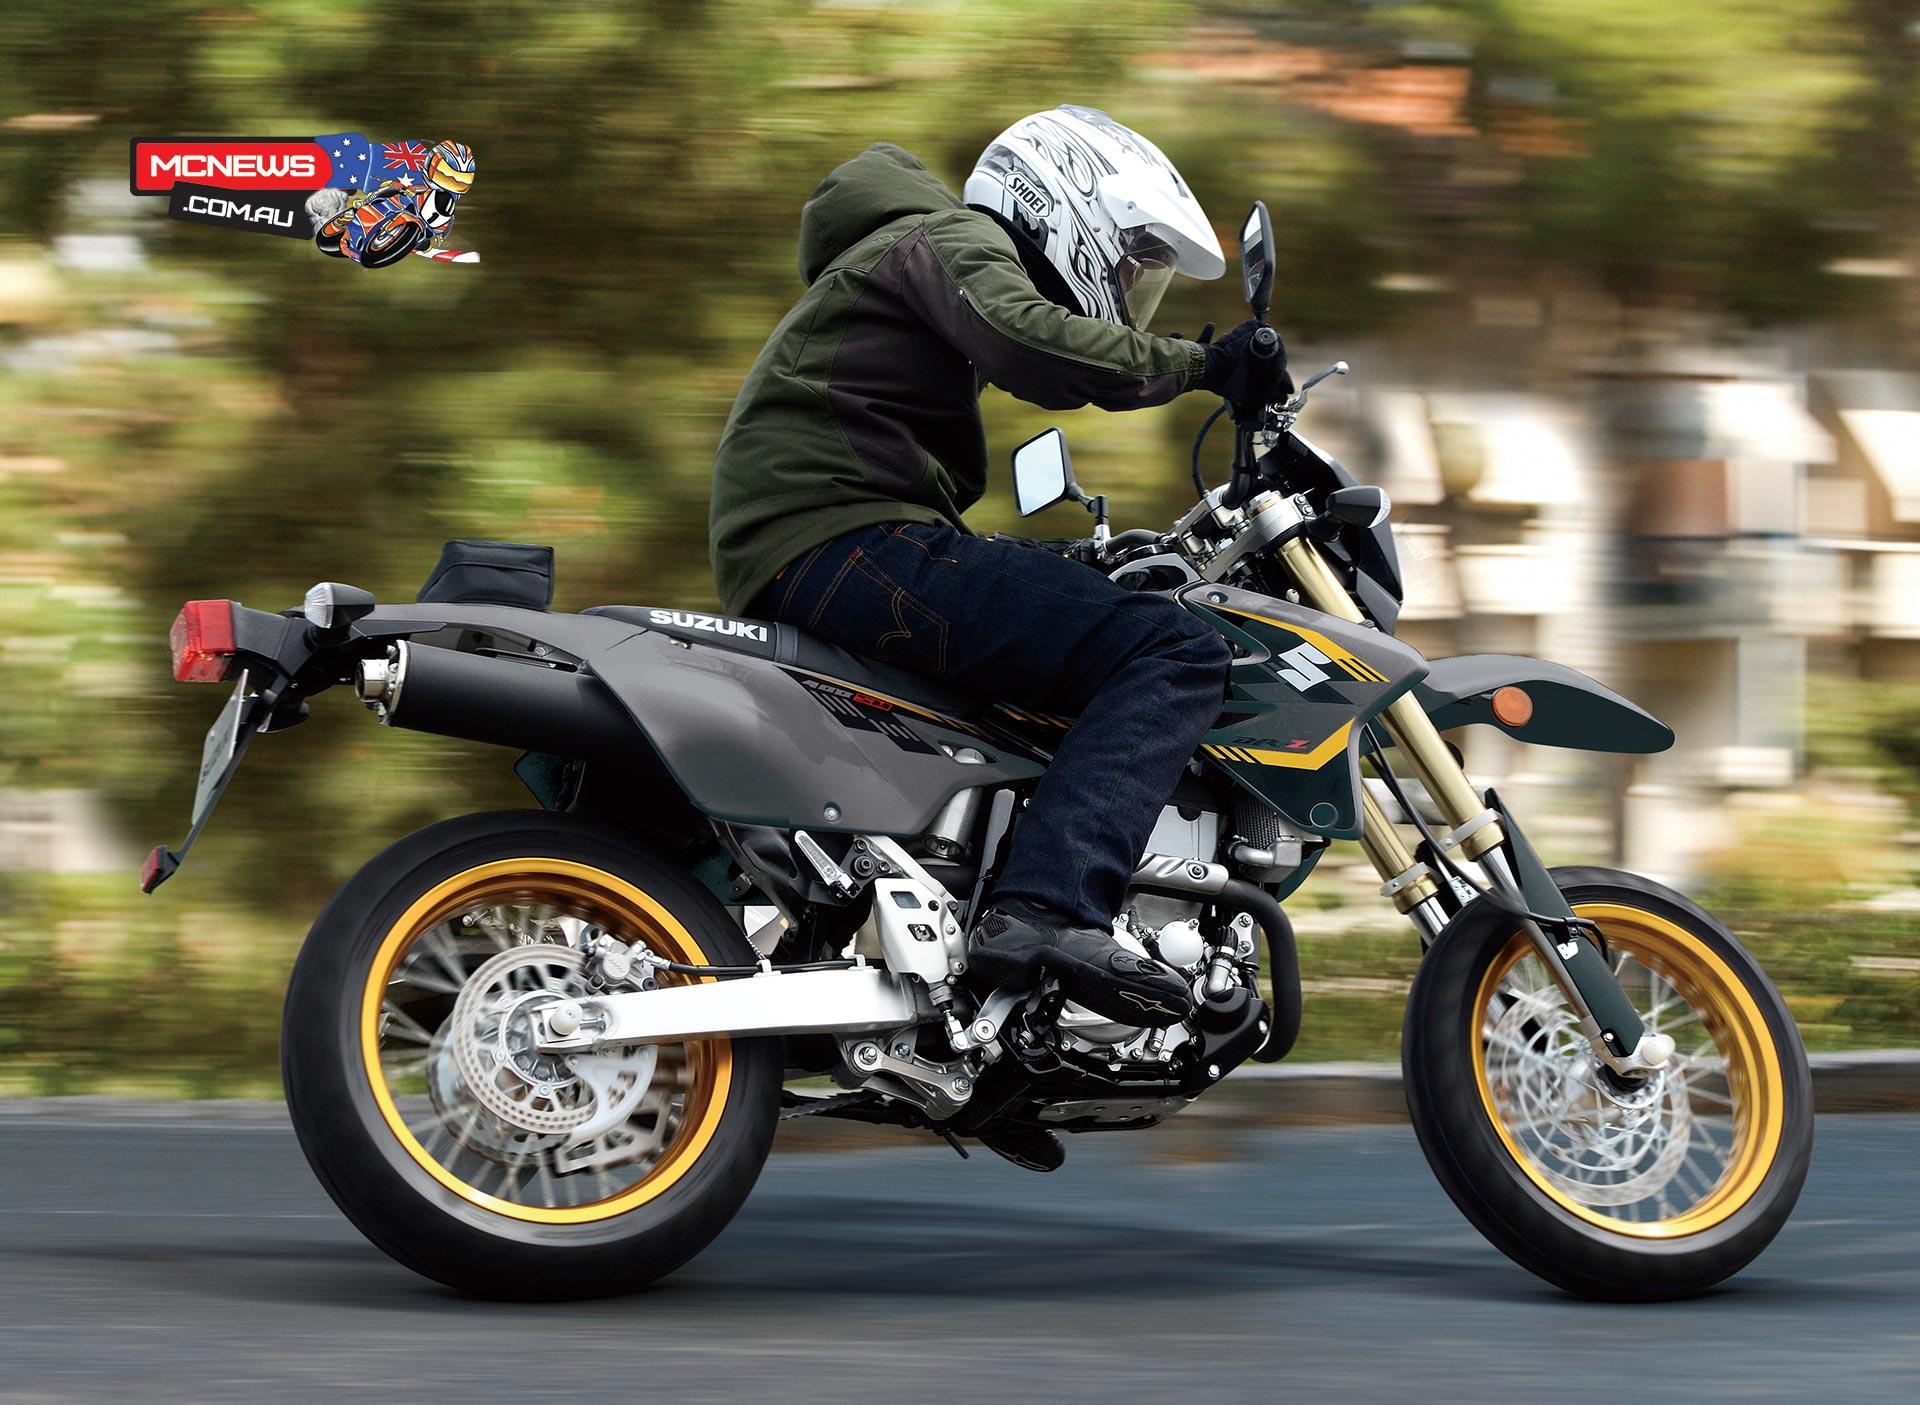 2016 Suzuki DR-Z400SM drifts into town | MCNews.com.au